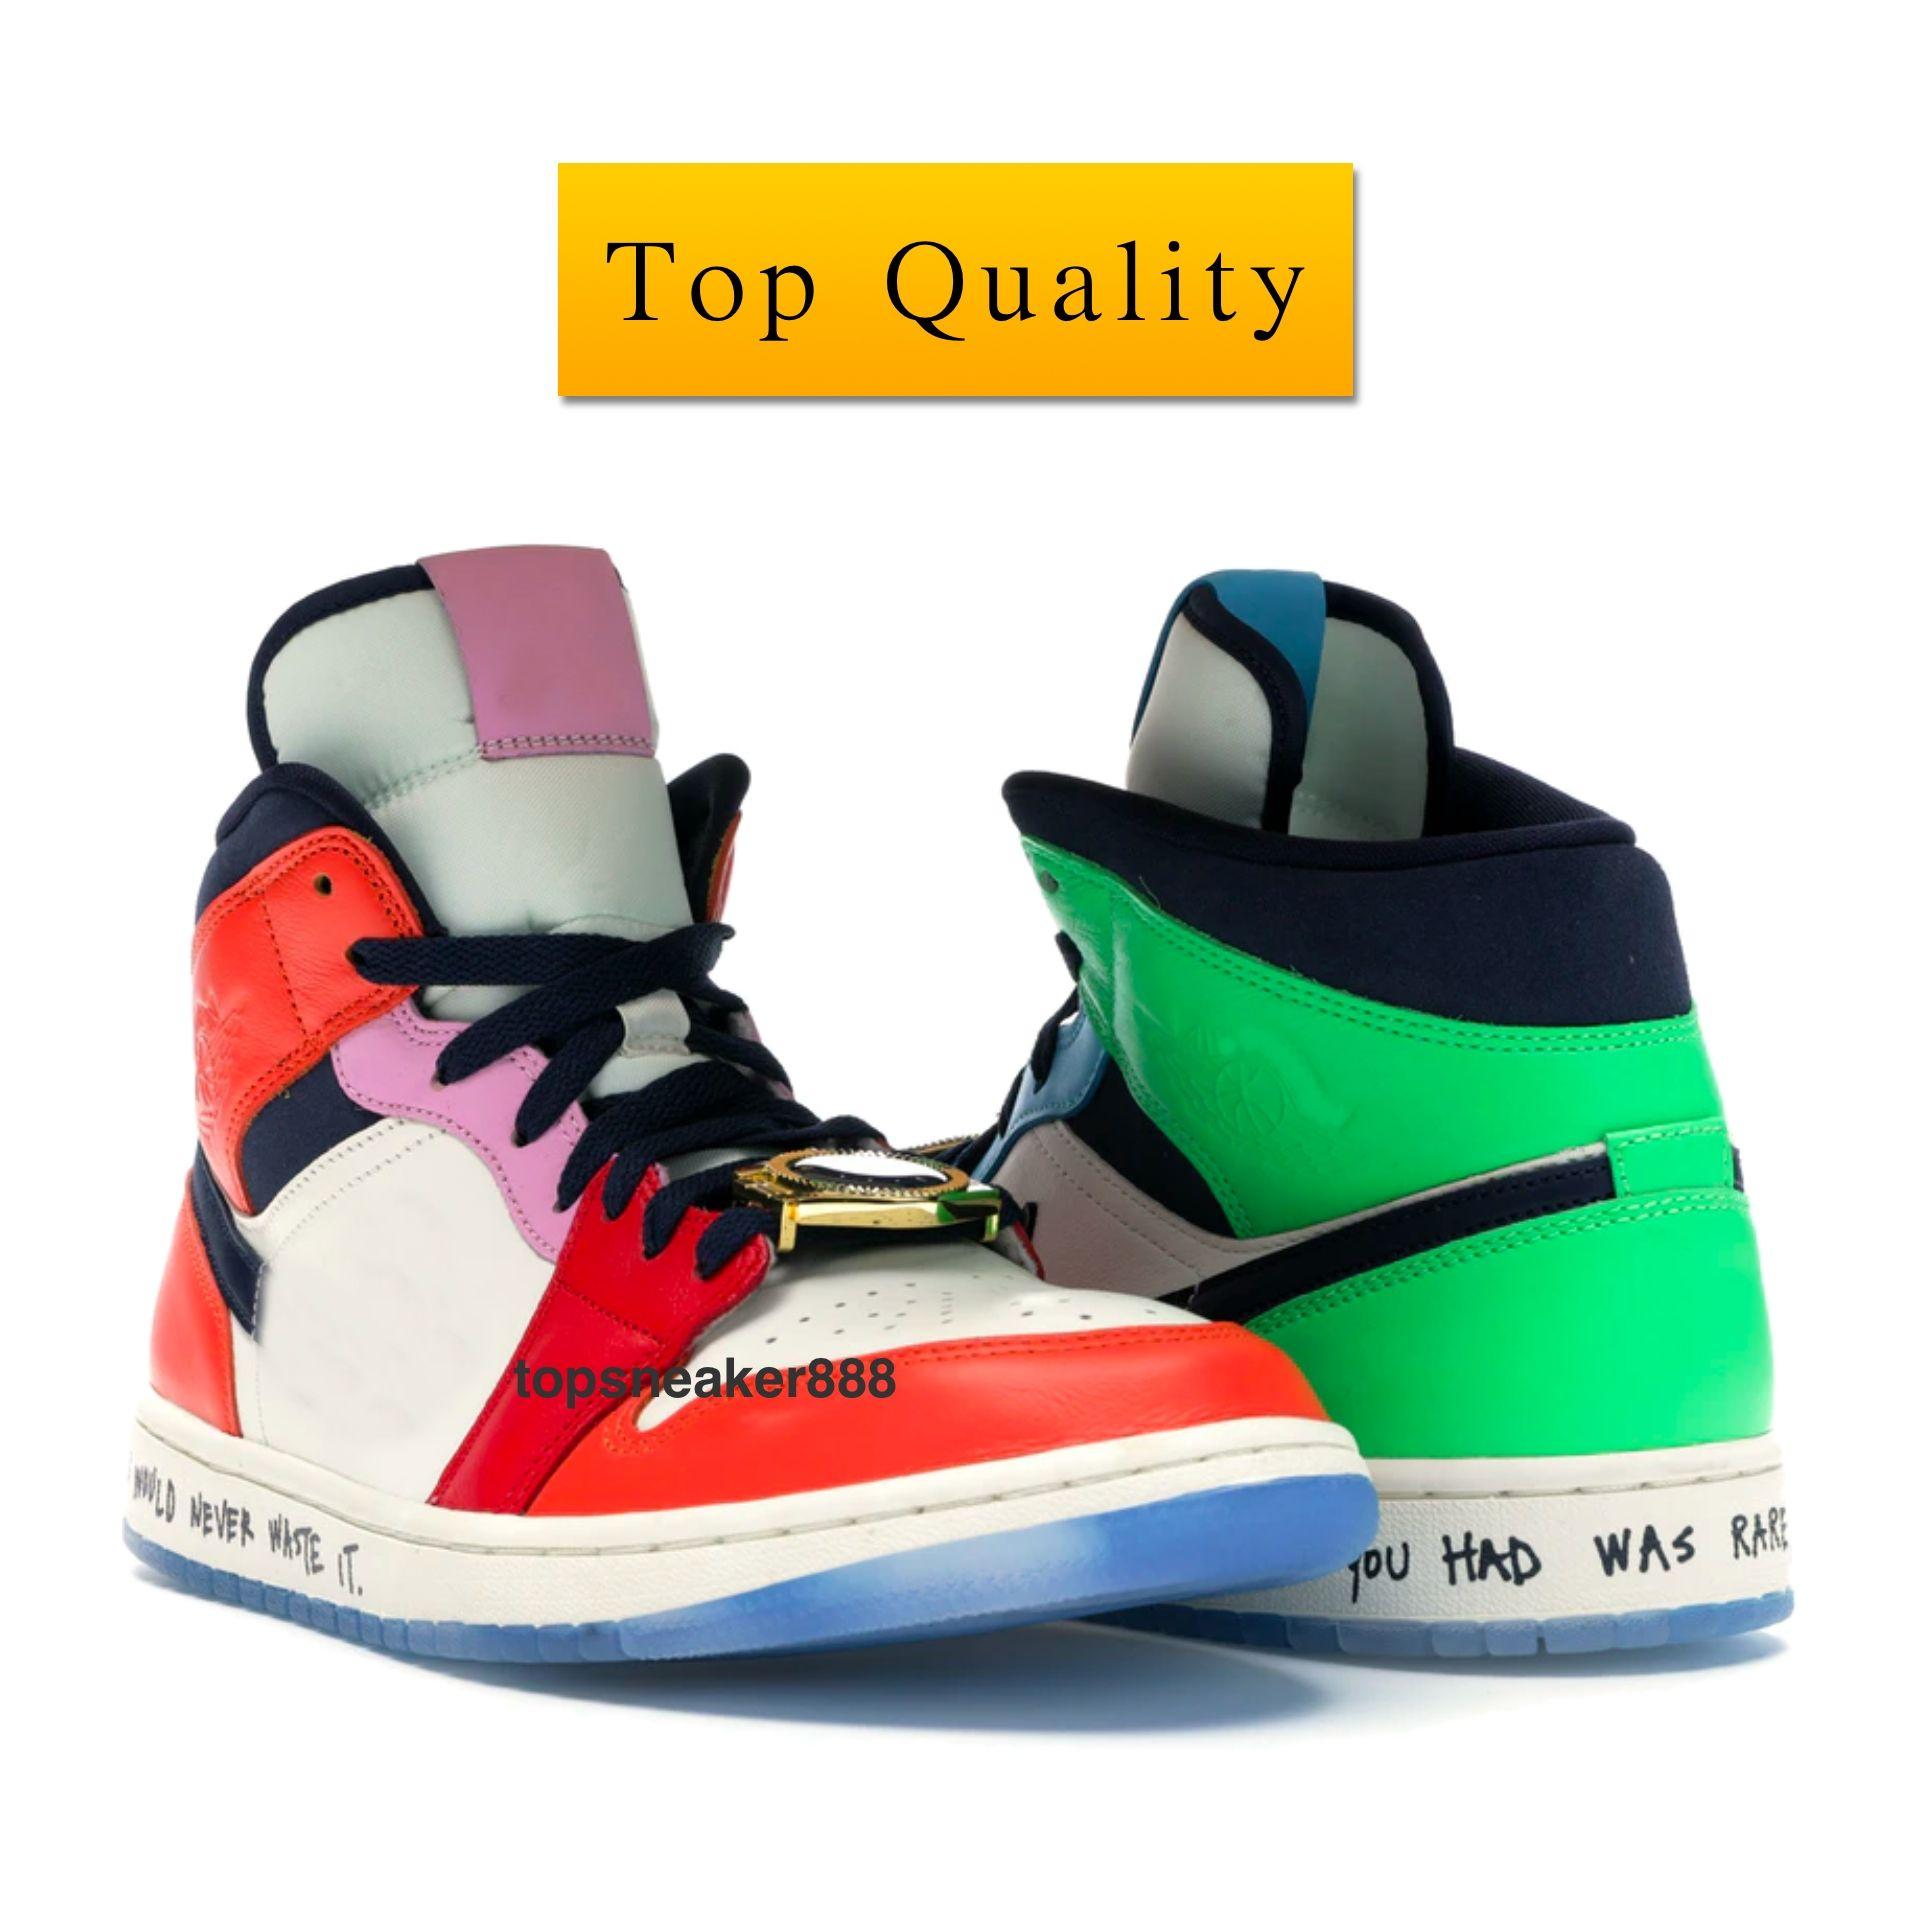 Air Jordan 1 Mid SE Fearless Melody Ehsani Shoes OG الجودة رجل حذاء رياضة منتصف SE بلا خوف ميلودي احساني J1 رجل حذاء رياضة رياضة المرأة أحذية CQ7629-100 حجم 36-46